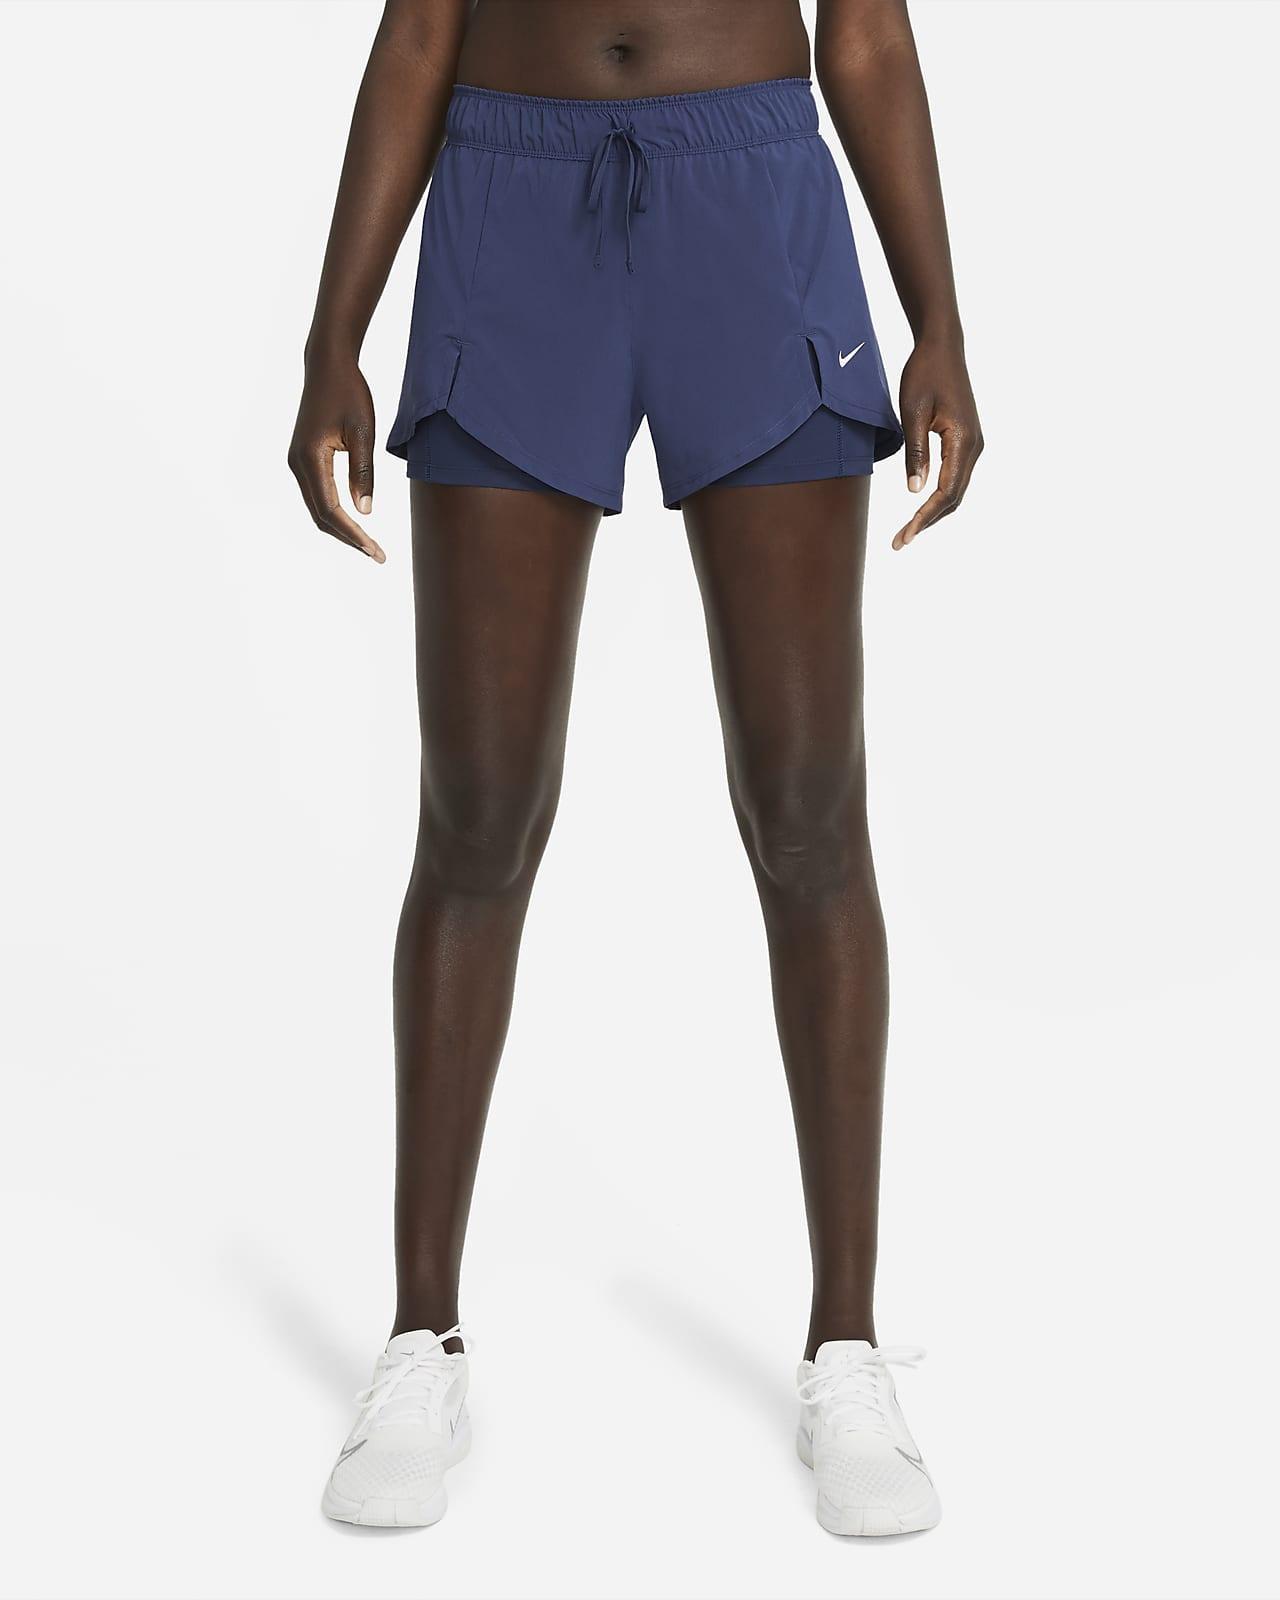 กางเกงเทรนนิ่งขาสั้นผู้หญิง Nike Flex Essential 2-in-1